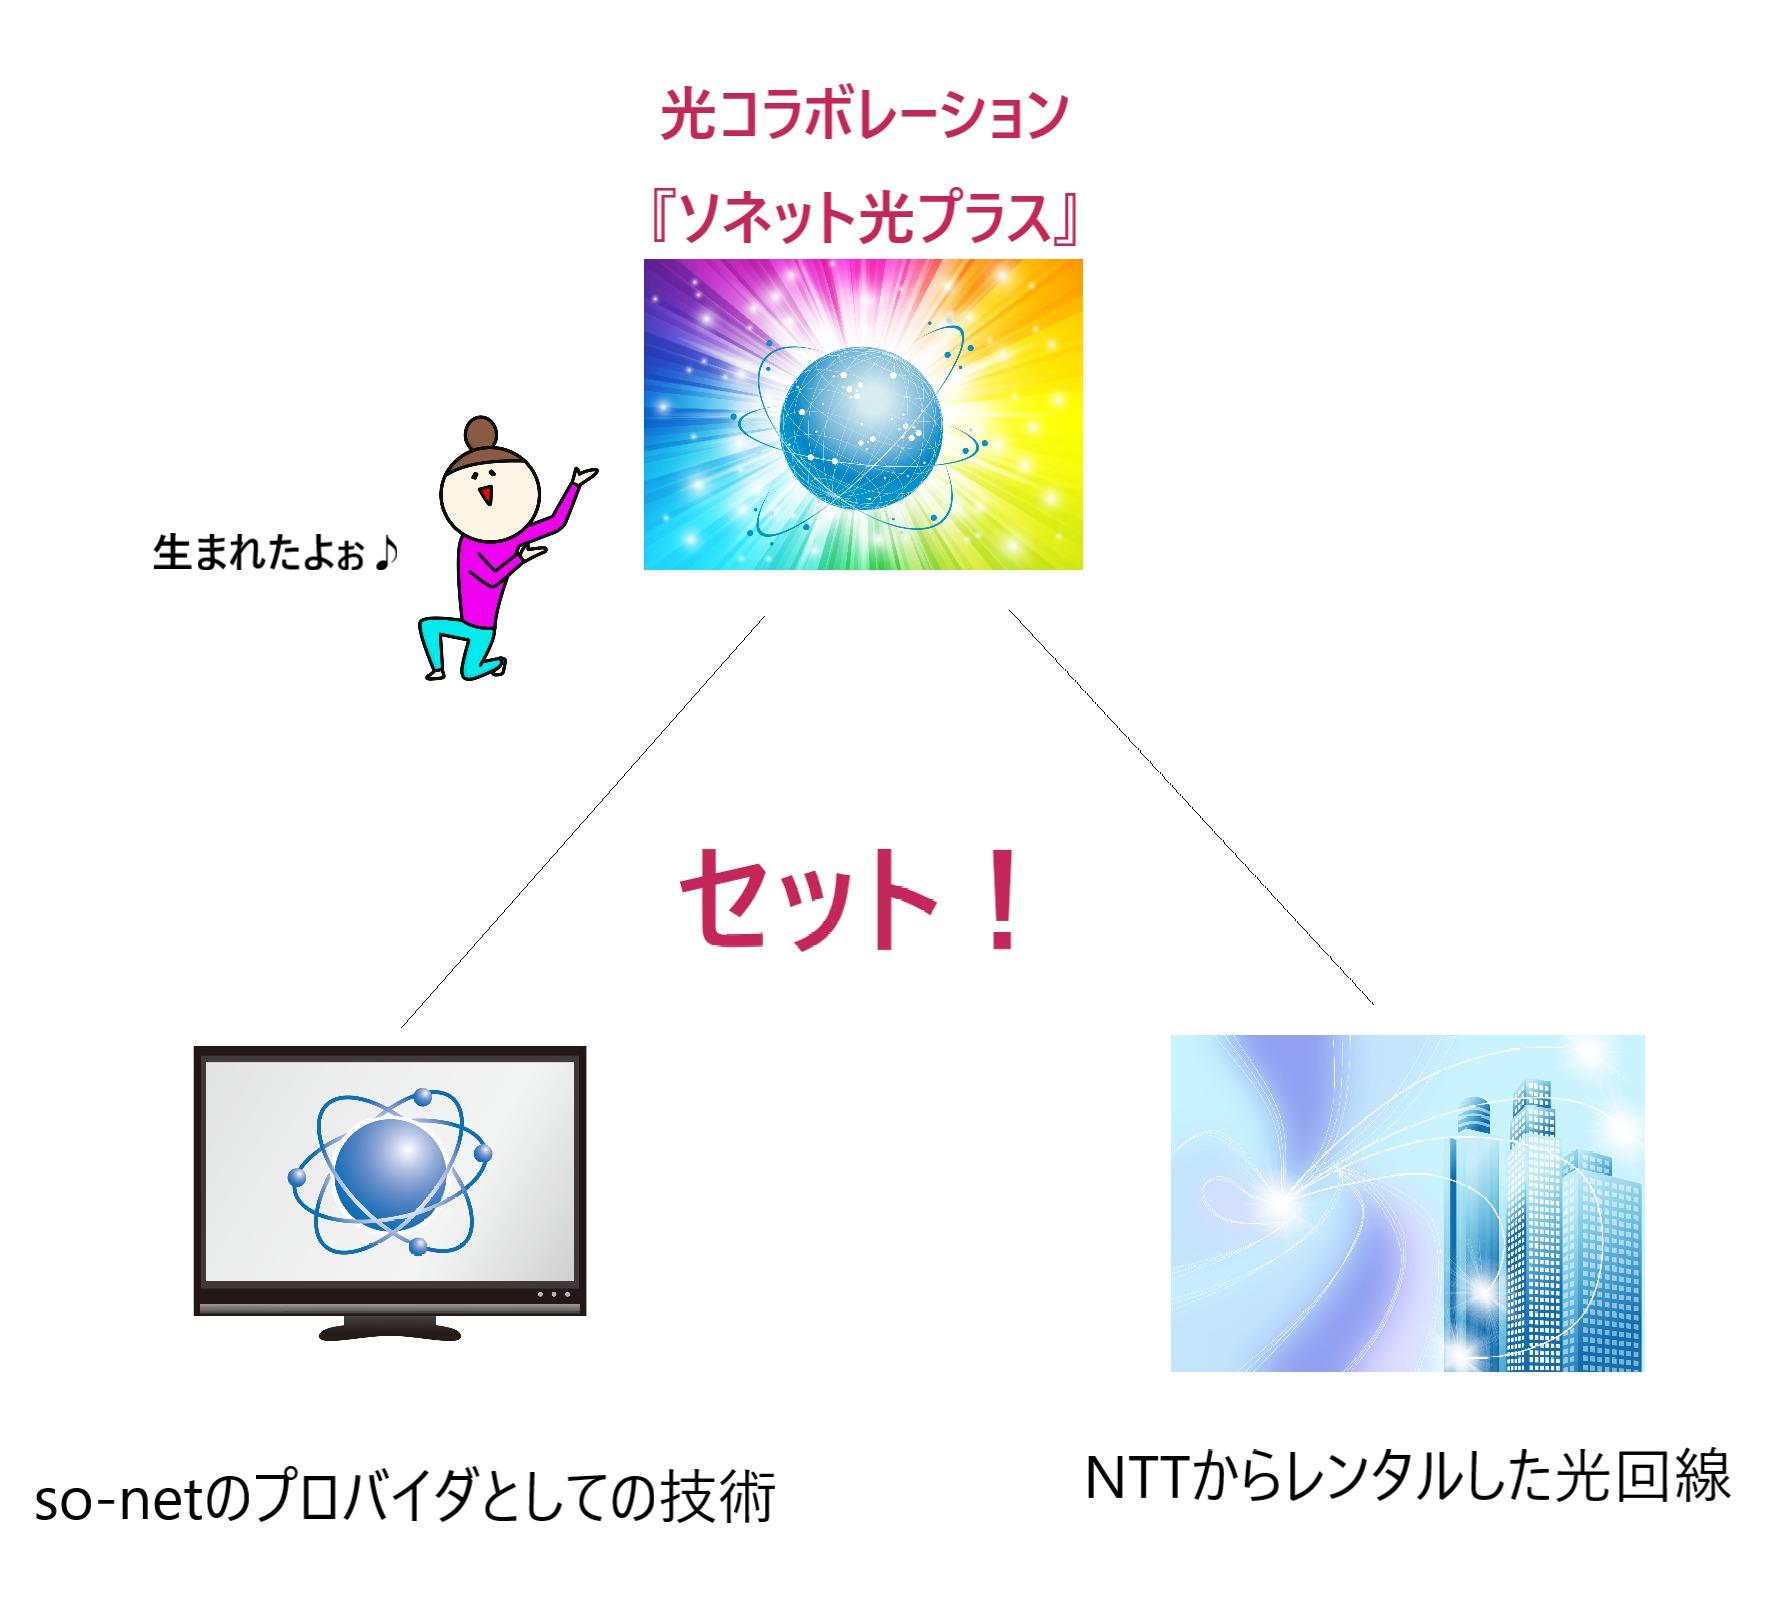 光コラボレーション「ソネット光プラス」の誕生